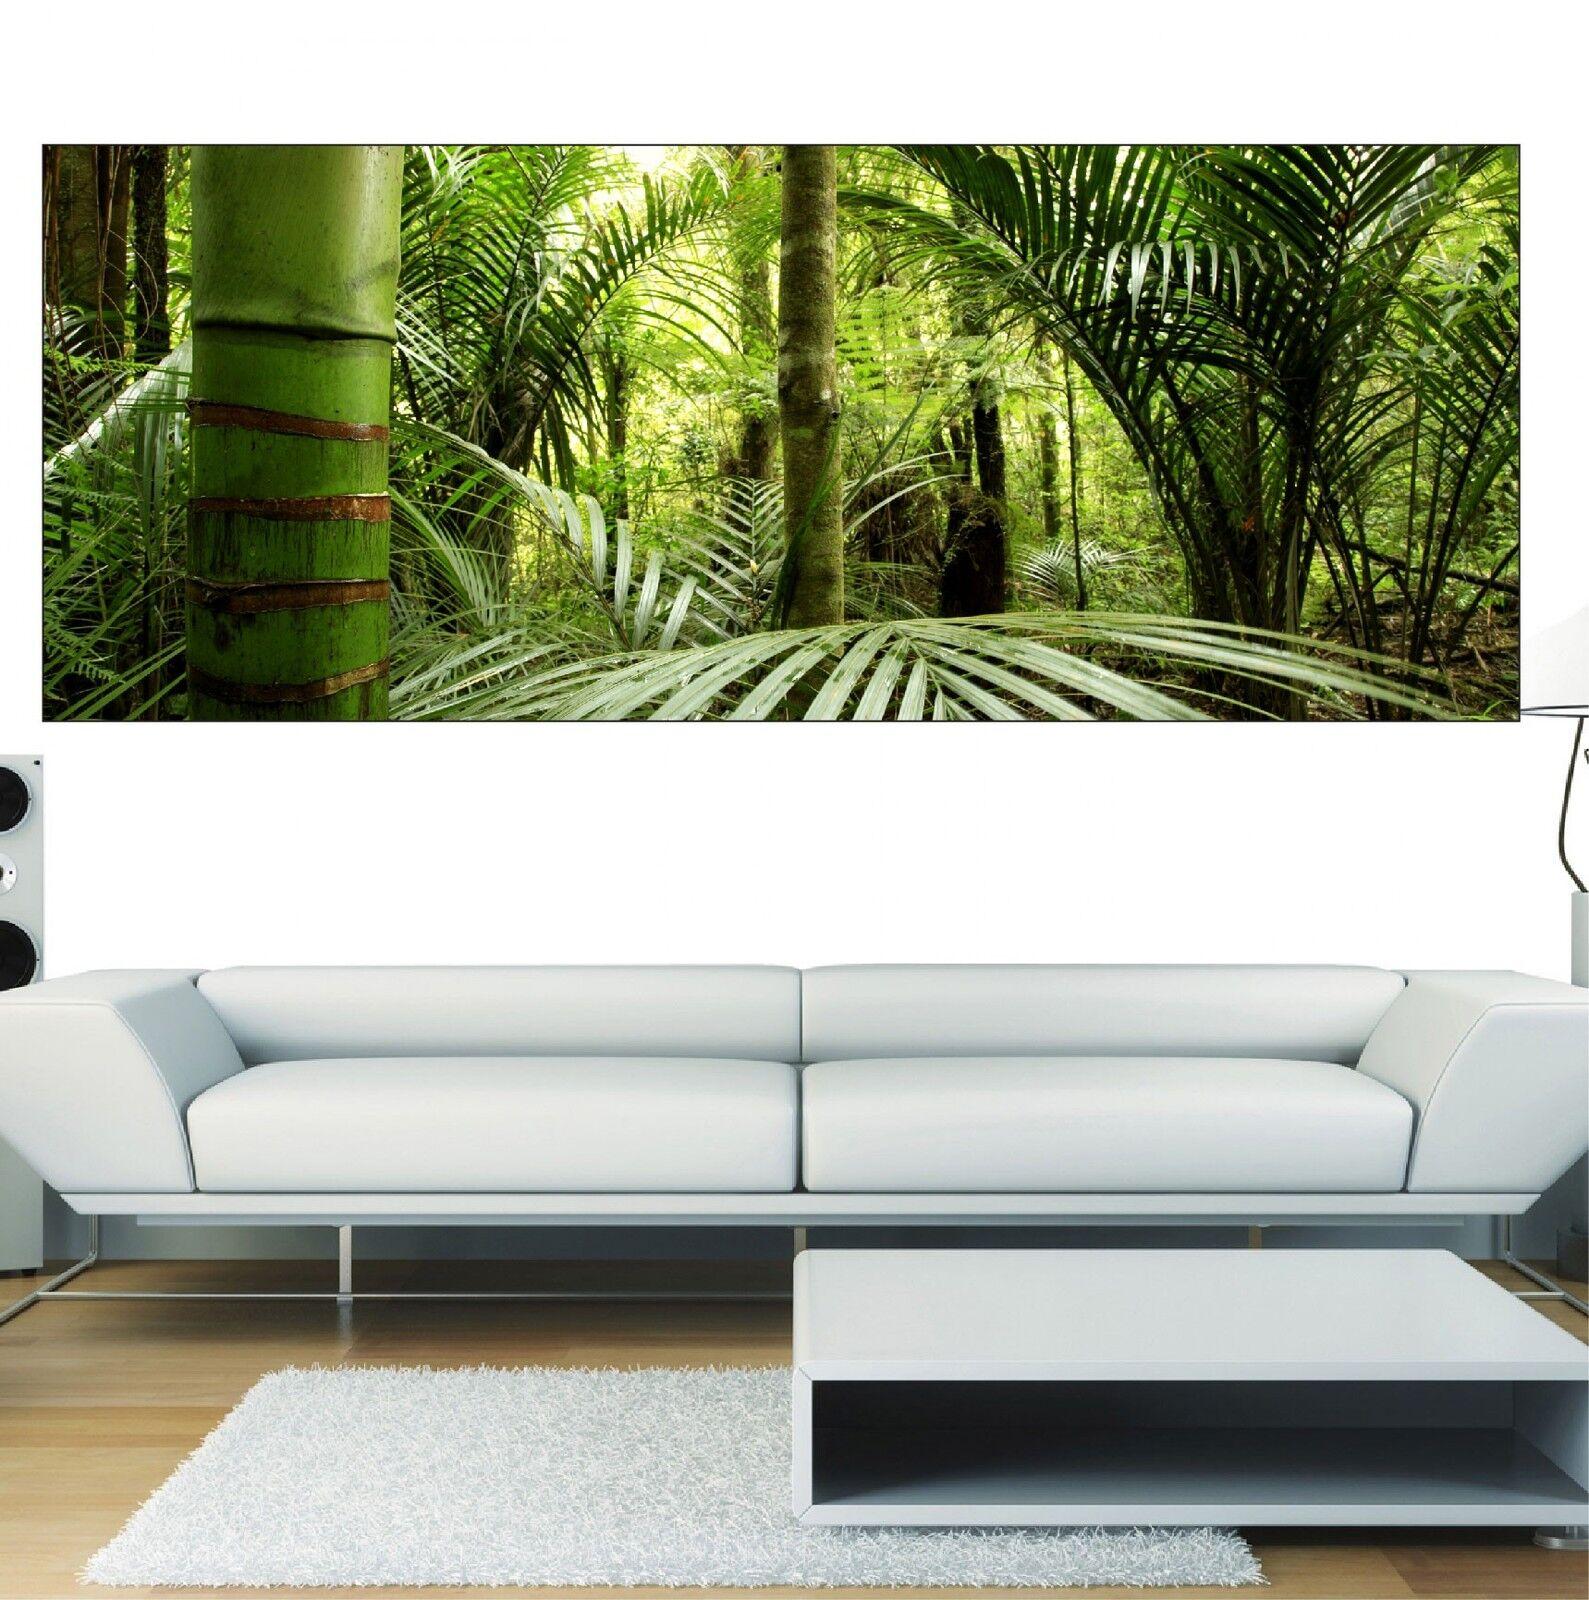 Papel pintado panorámica Bambúes 3625 Arte decoración Pegatinas